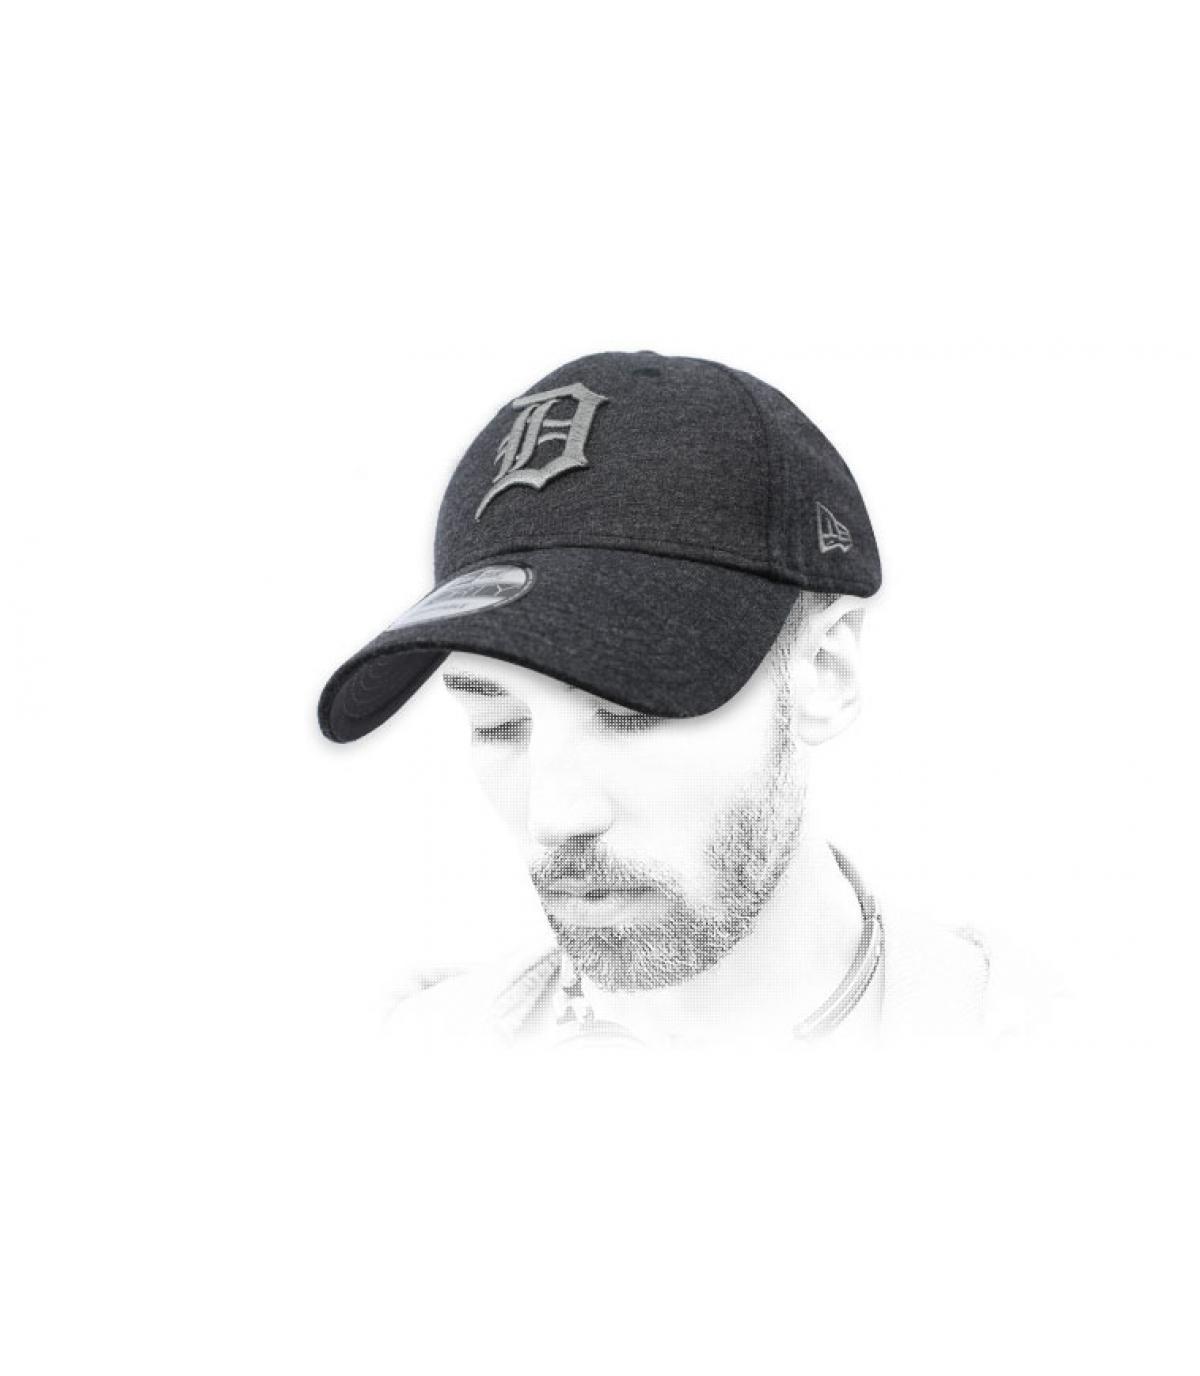 gorra D gris oscuro